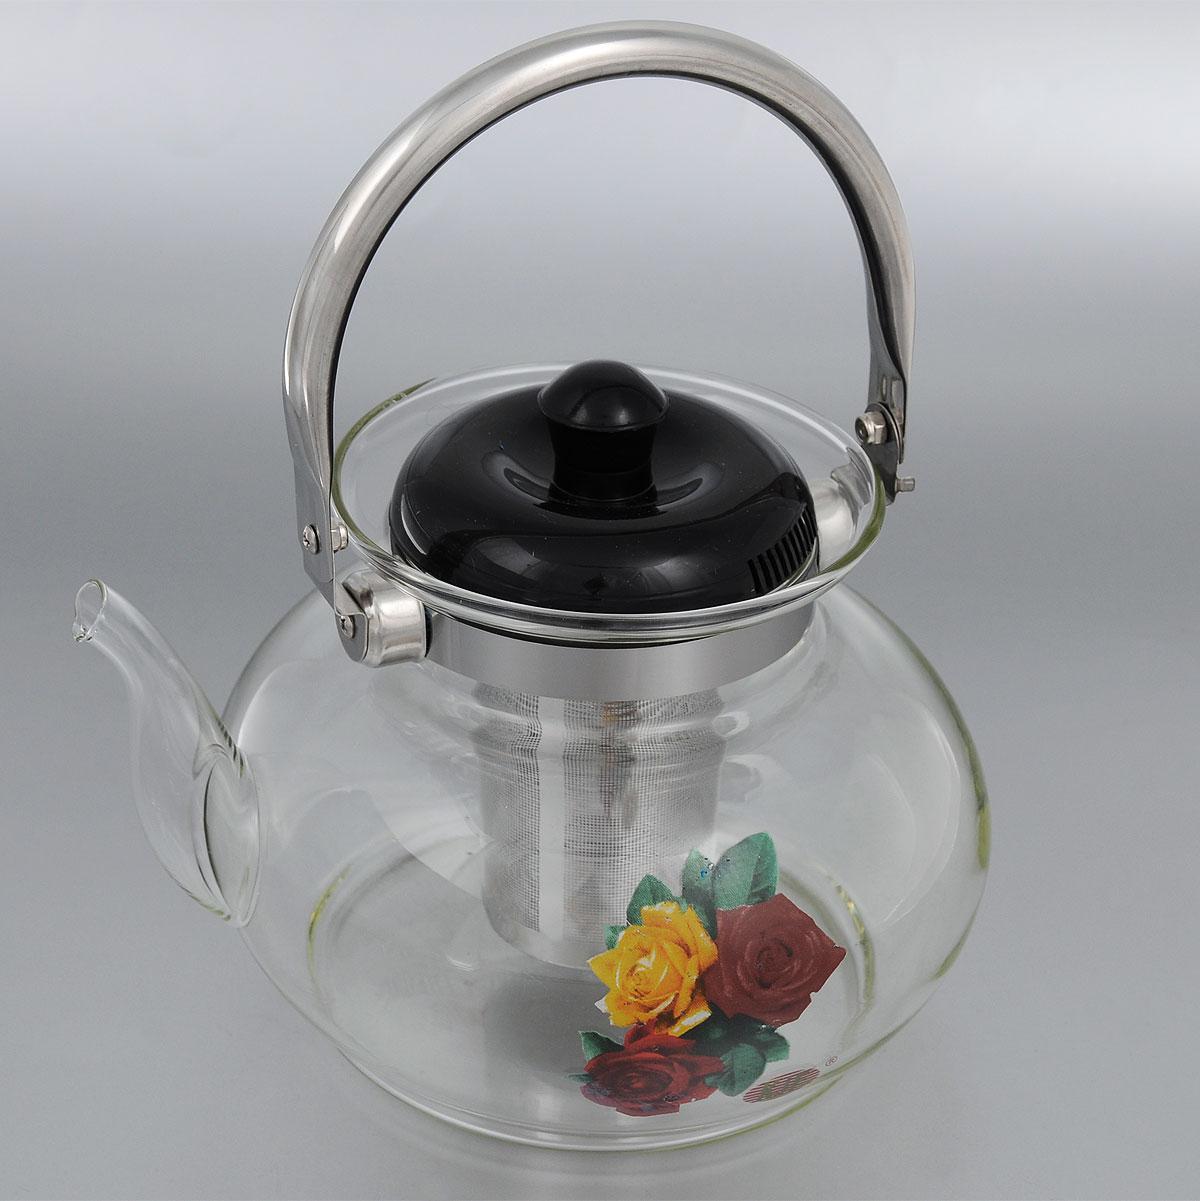 Чайник заварочный KJF, с фильтром, 1,5 л. 46054605Заварочный чайник KJF изготовлен из термостойкого стекла и украшен цветочным рисунком и металлическим ободом. Внутри изделия установлен сетчатый фильтр из нержавеющей стали, который задерживает чаинки и предотвращает их попадание в чашку. Чайник оснащен удобной металлической ручкой и пластиковой крышкой. Яркий стильный заварочный чайник эффектно украсит стол к чаепитию и станет его неизменным атрибутом. Диаметр чайника (по верхнему краю): 6,5 см. Высота чайника (без учета ручки и крышки): 13 см. Высота чайник (с учетом ручки и крышки): 22 см. Высота фильтра: 8,5 см.